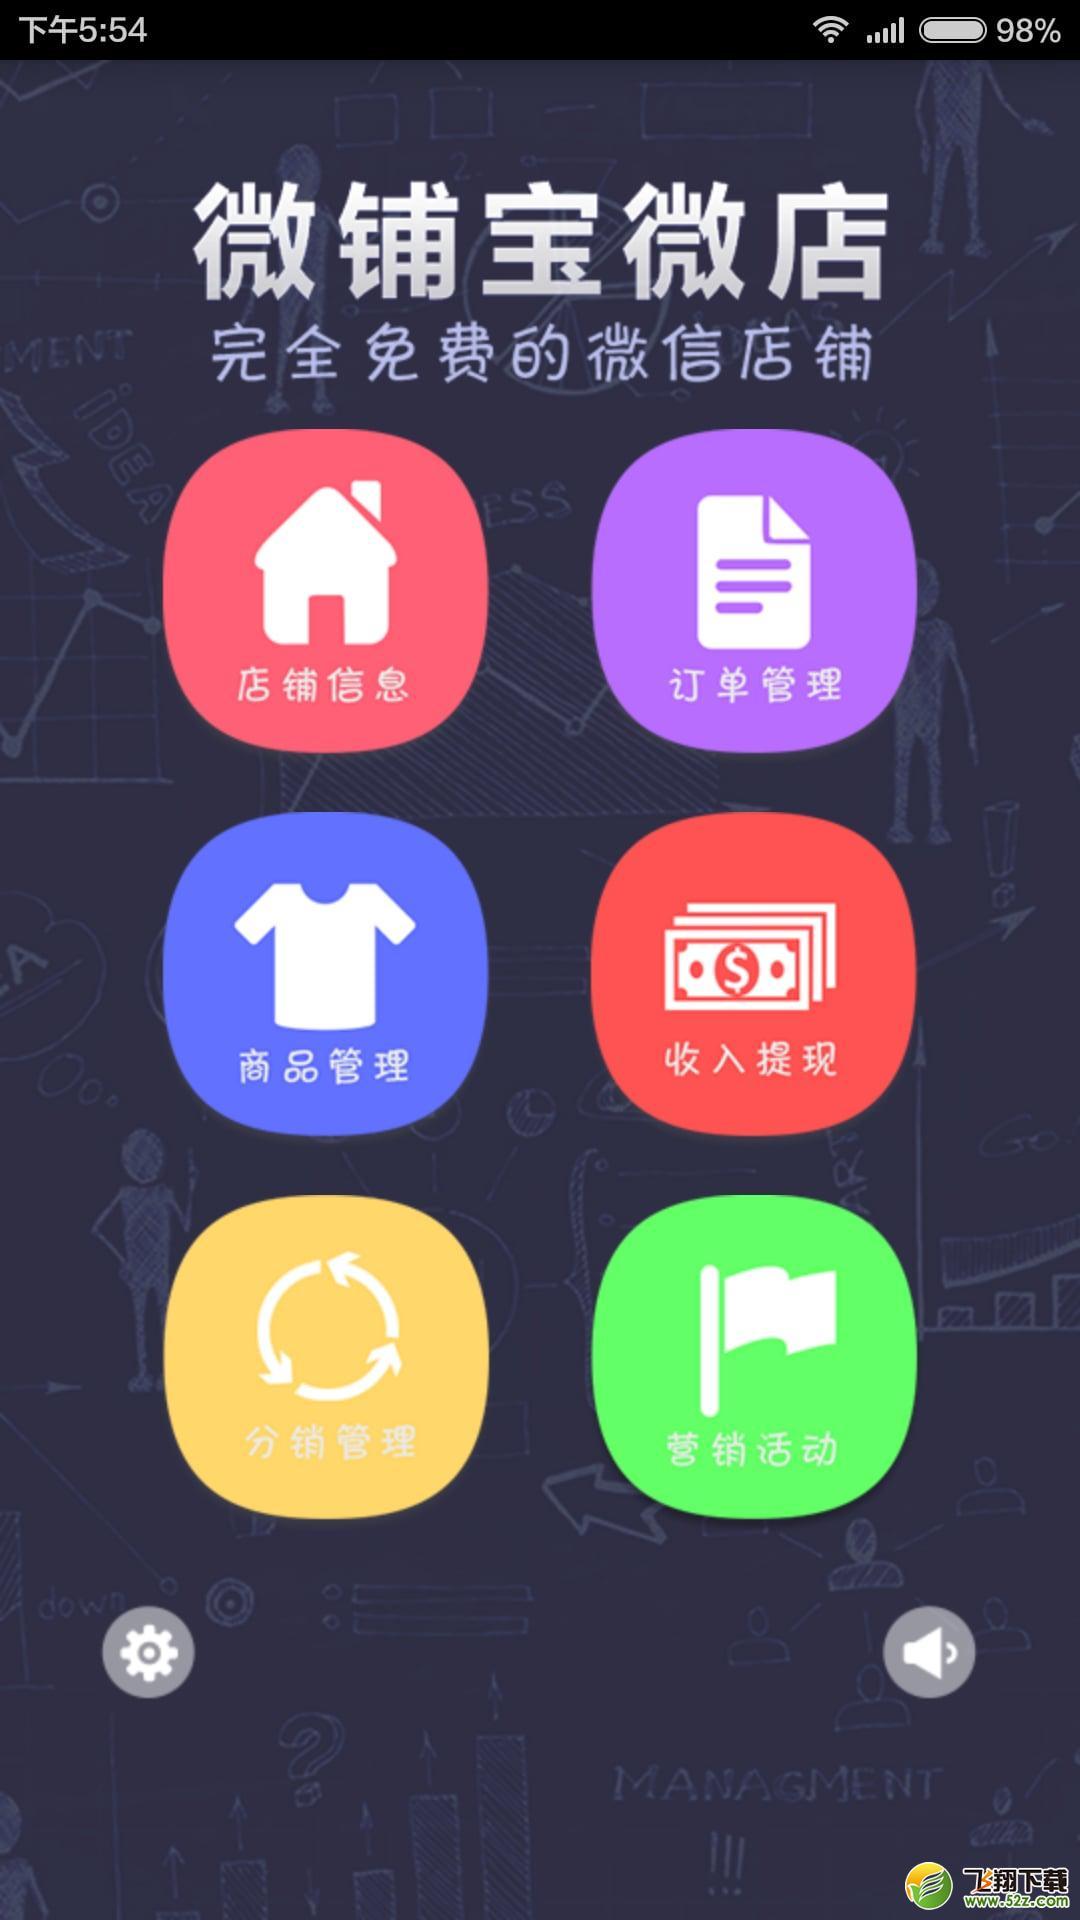 微铺宝微店V2.13 安卓版_52z.com